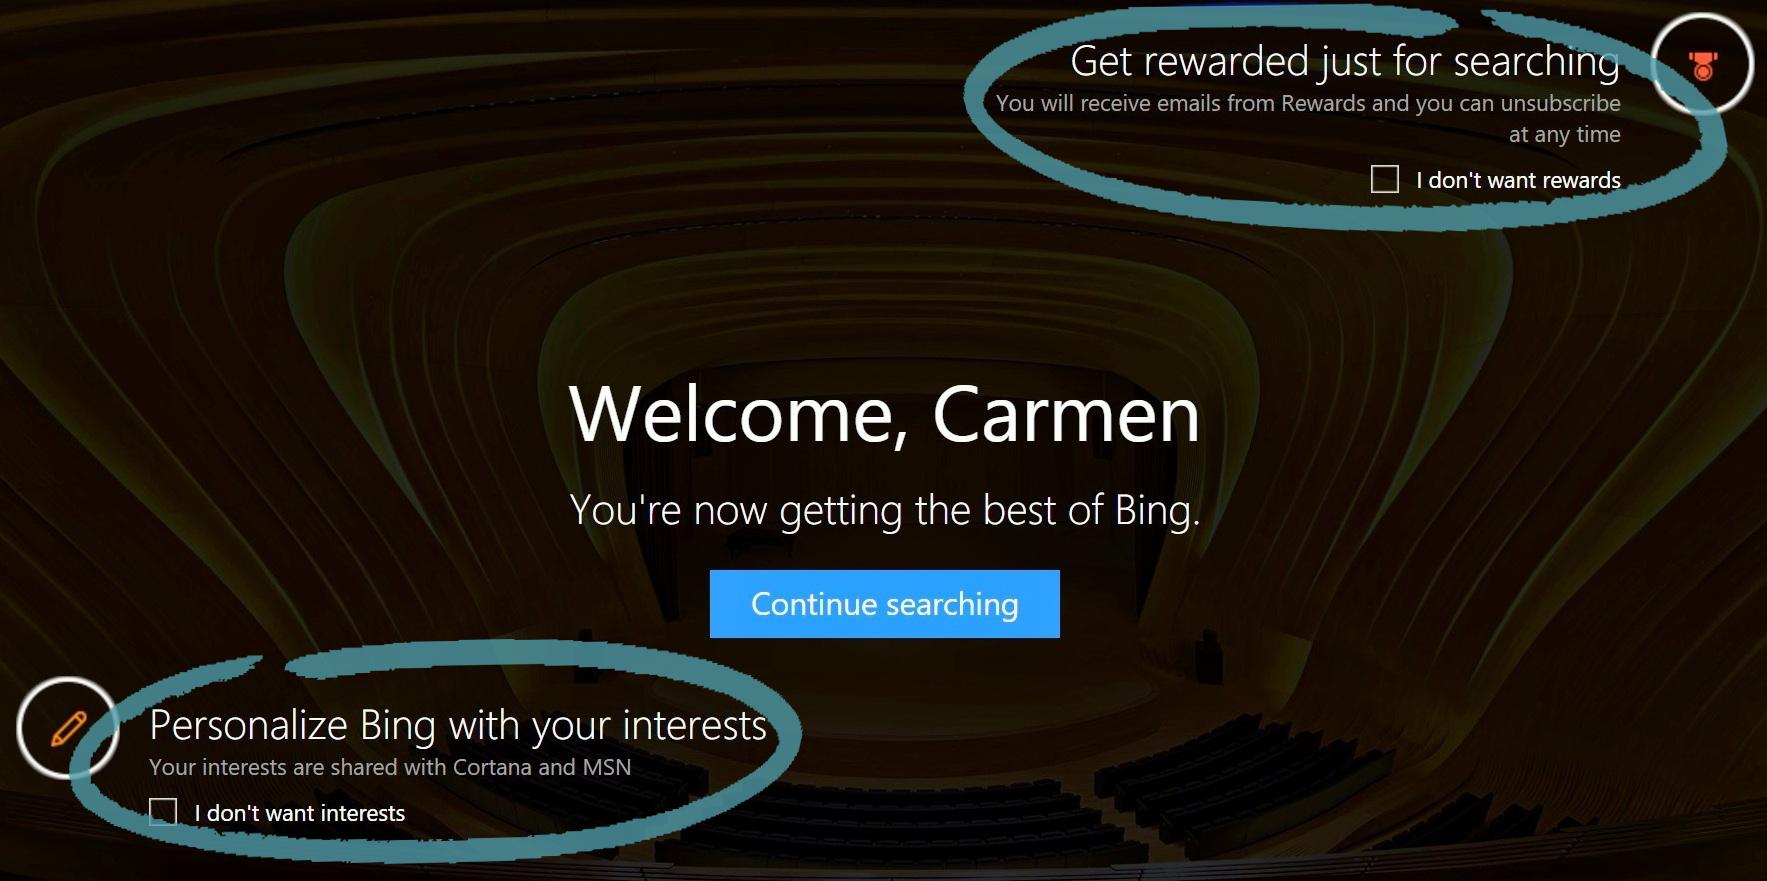 內含獎勵和興趣加入選項的 Bing 首頁